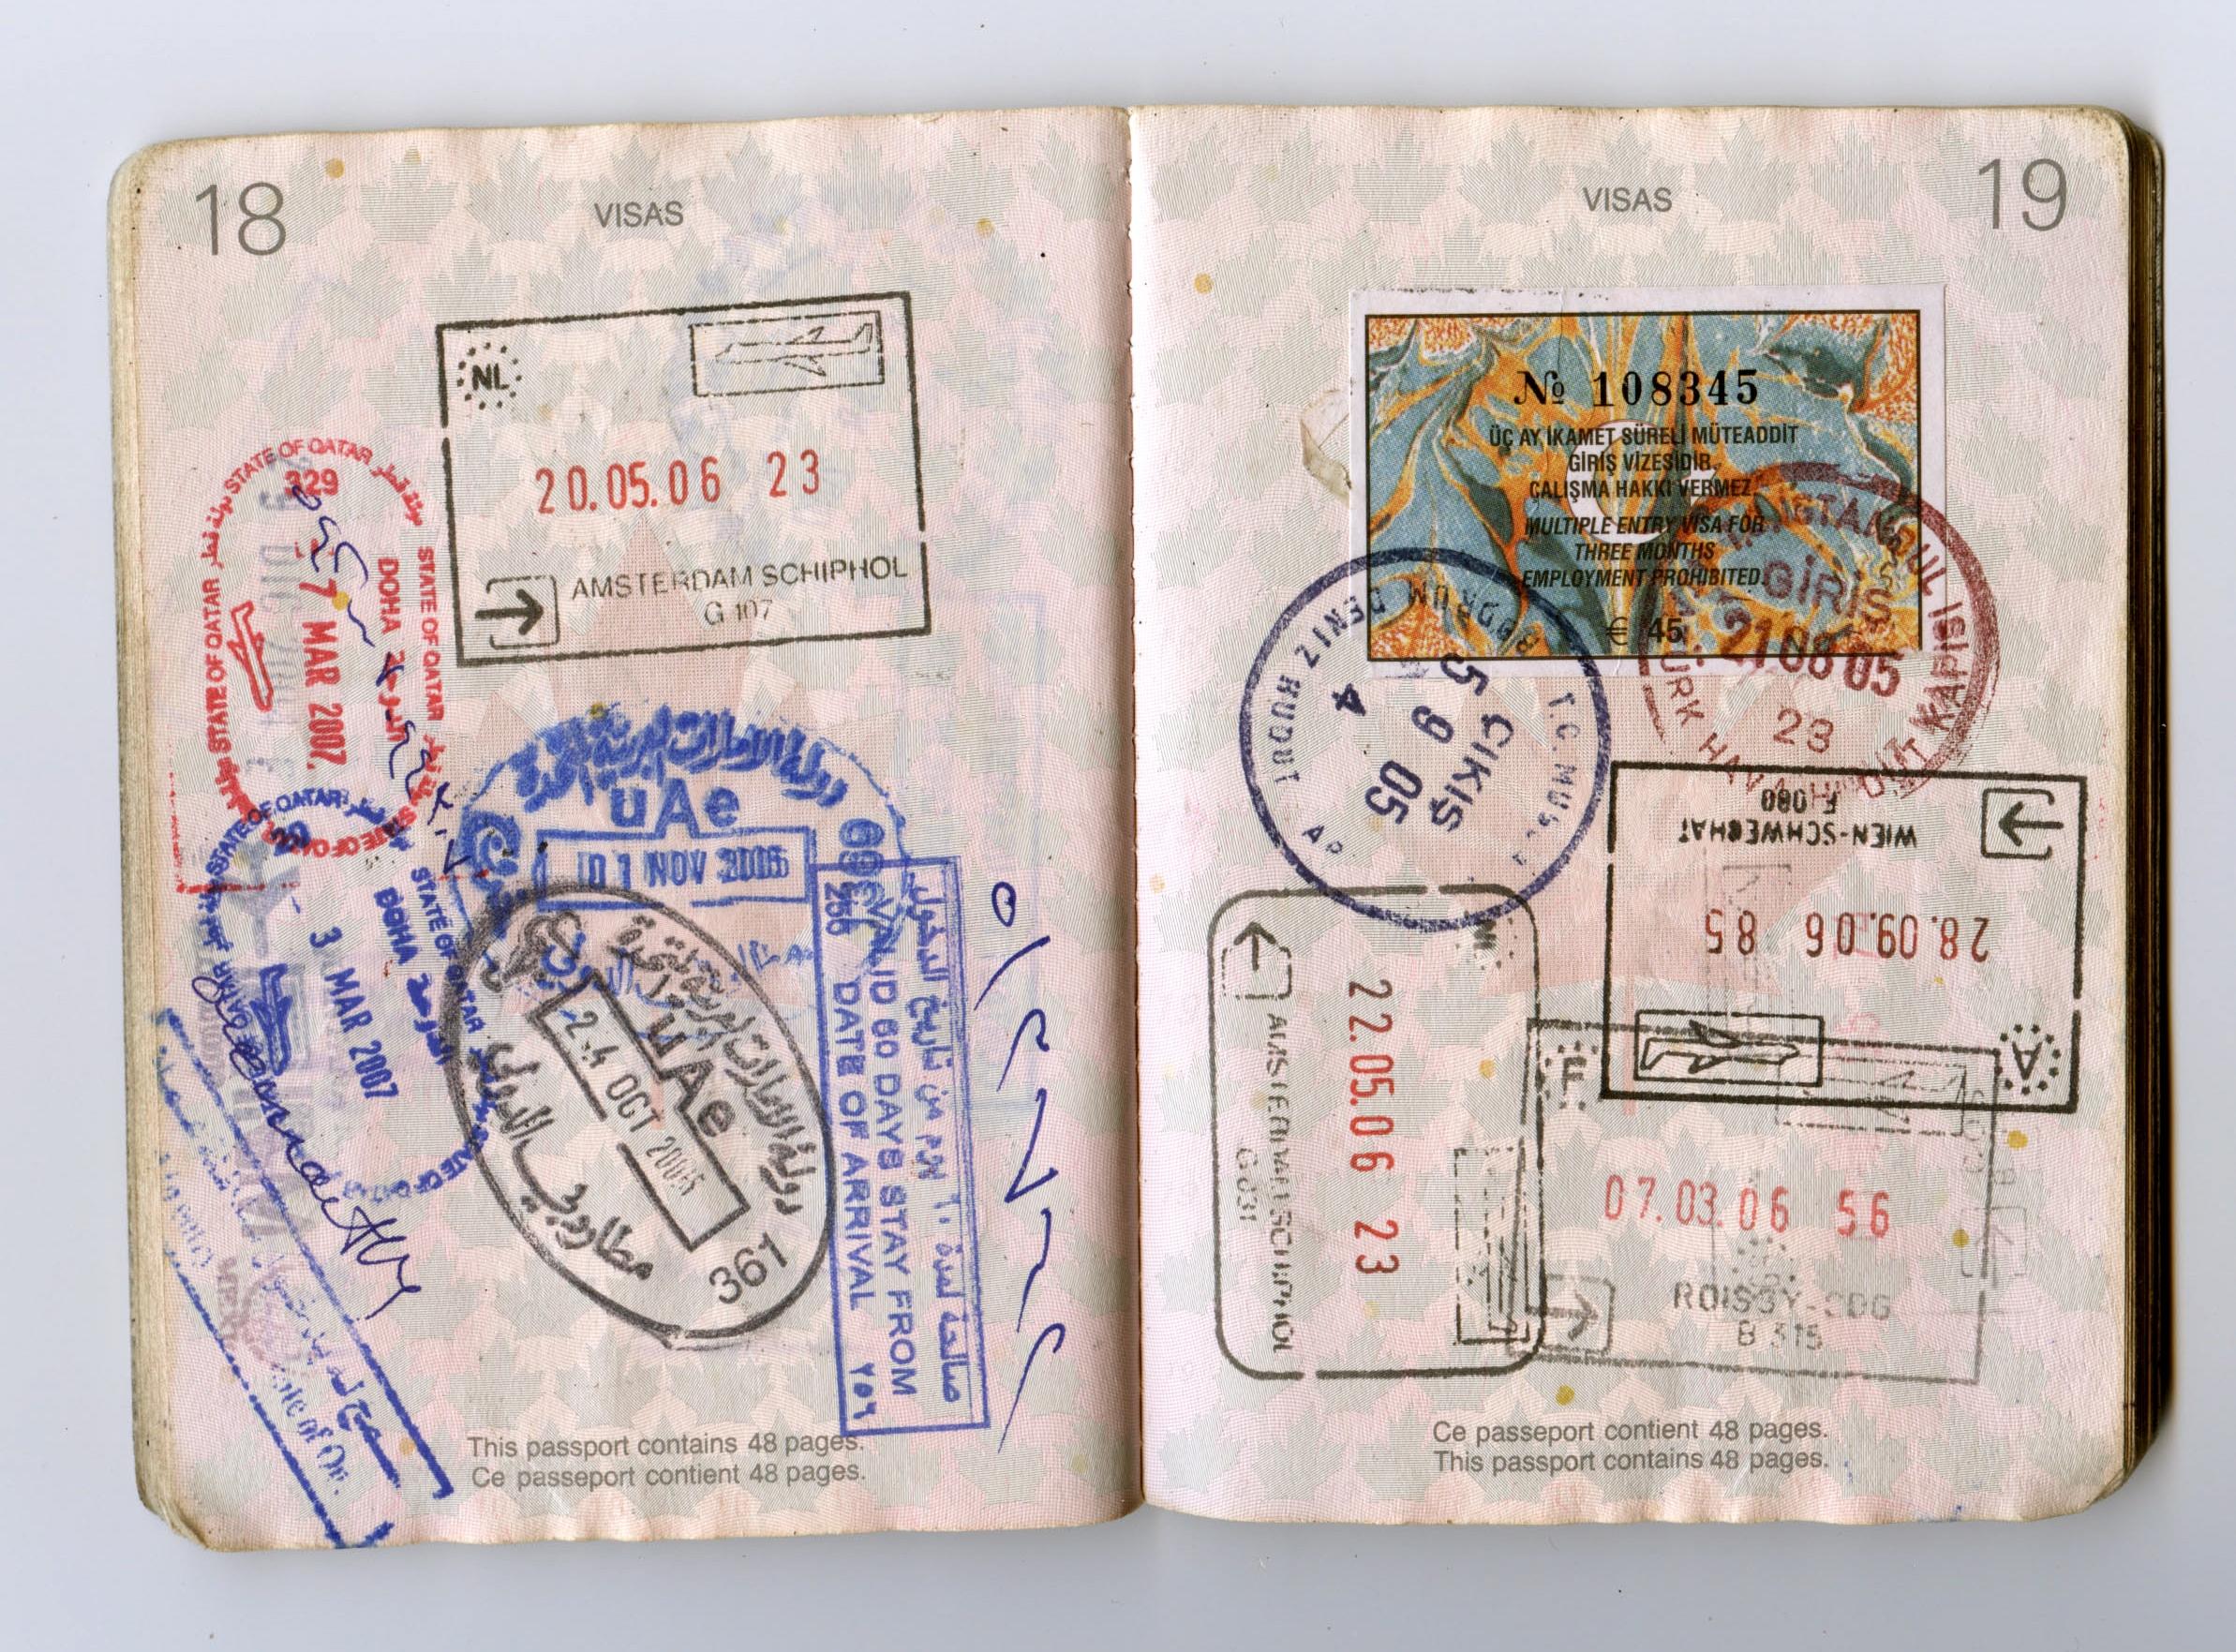 Passport_stamps_18-19.jpg